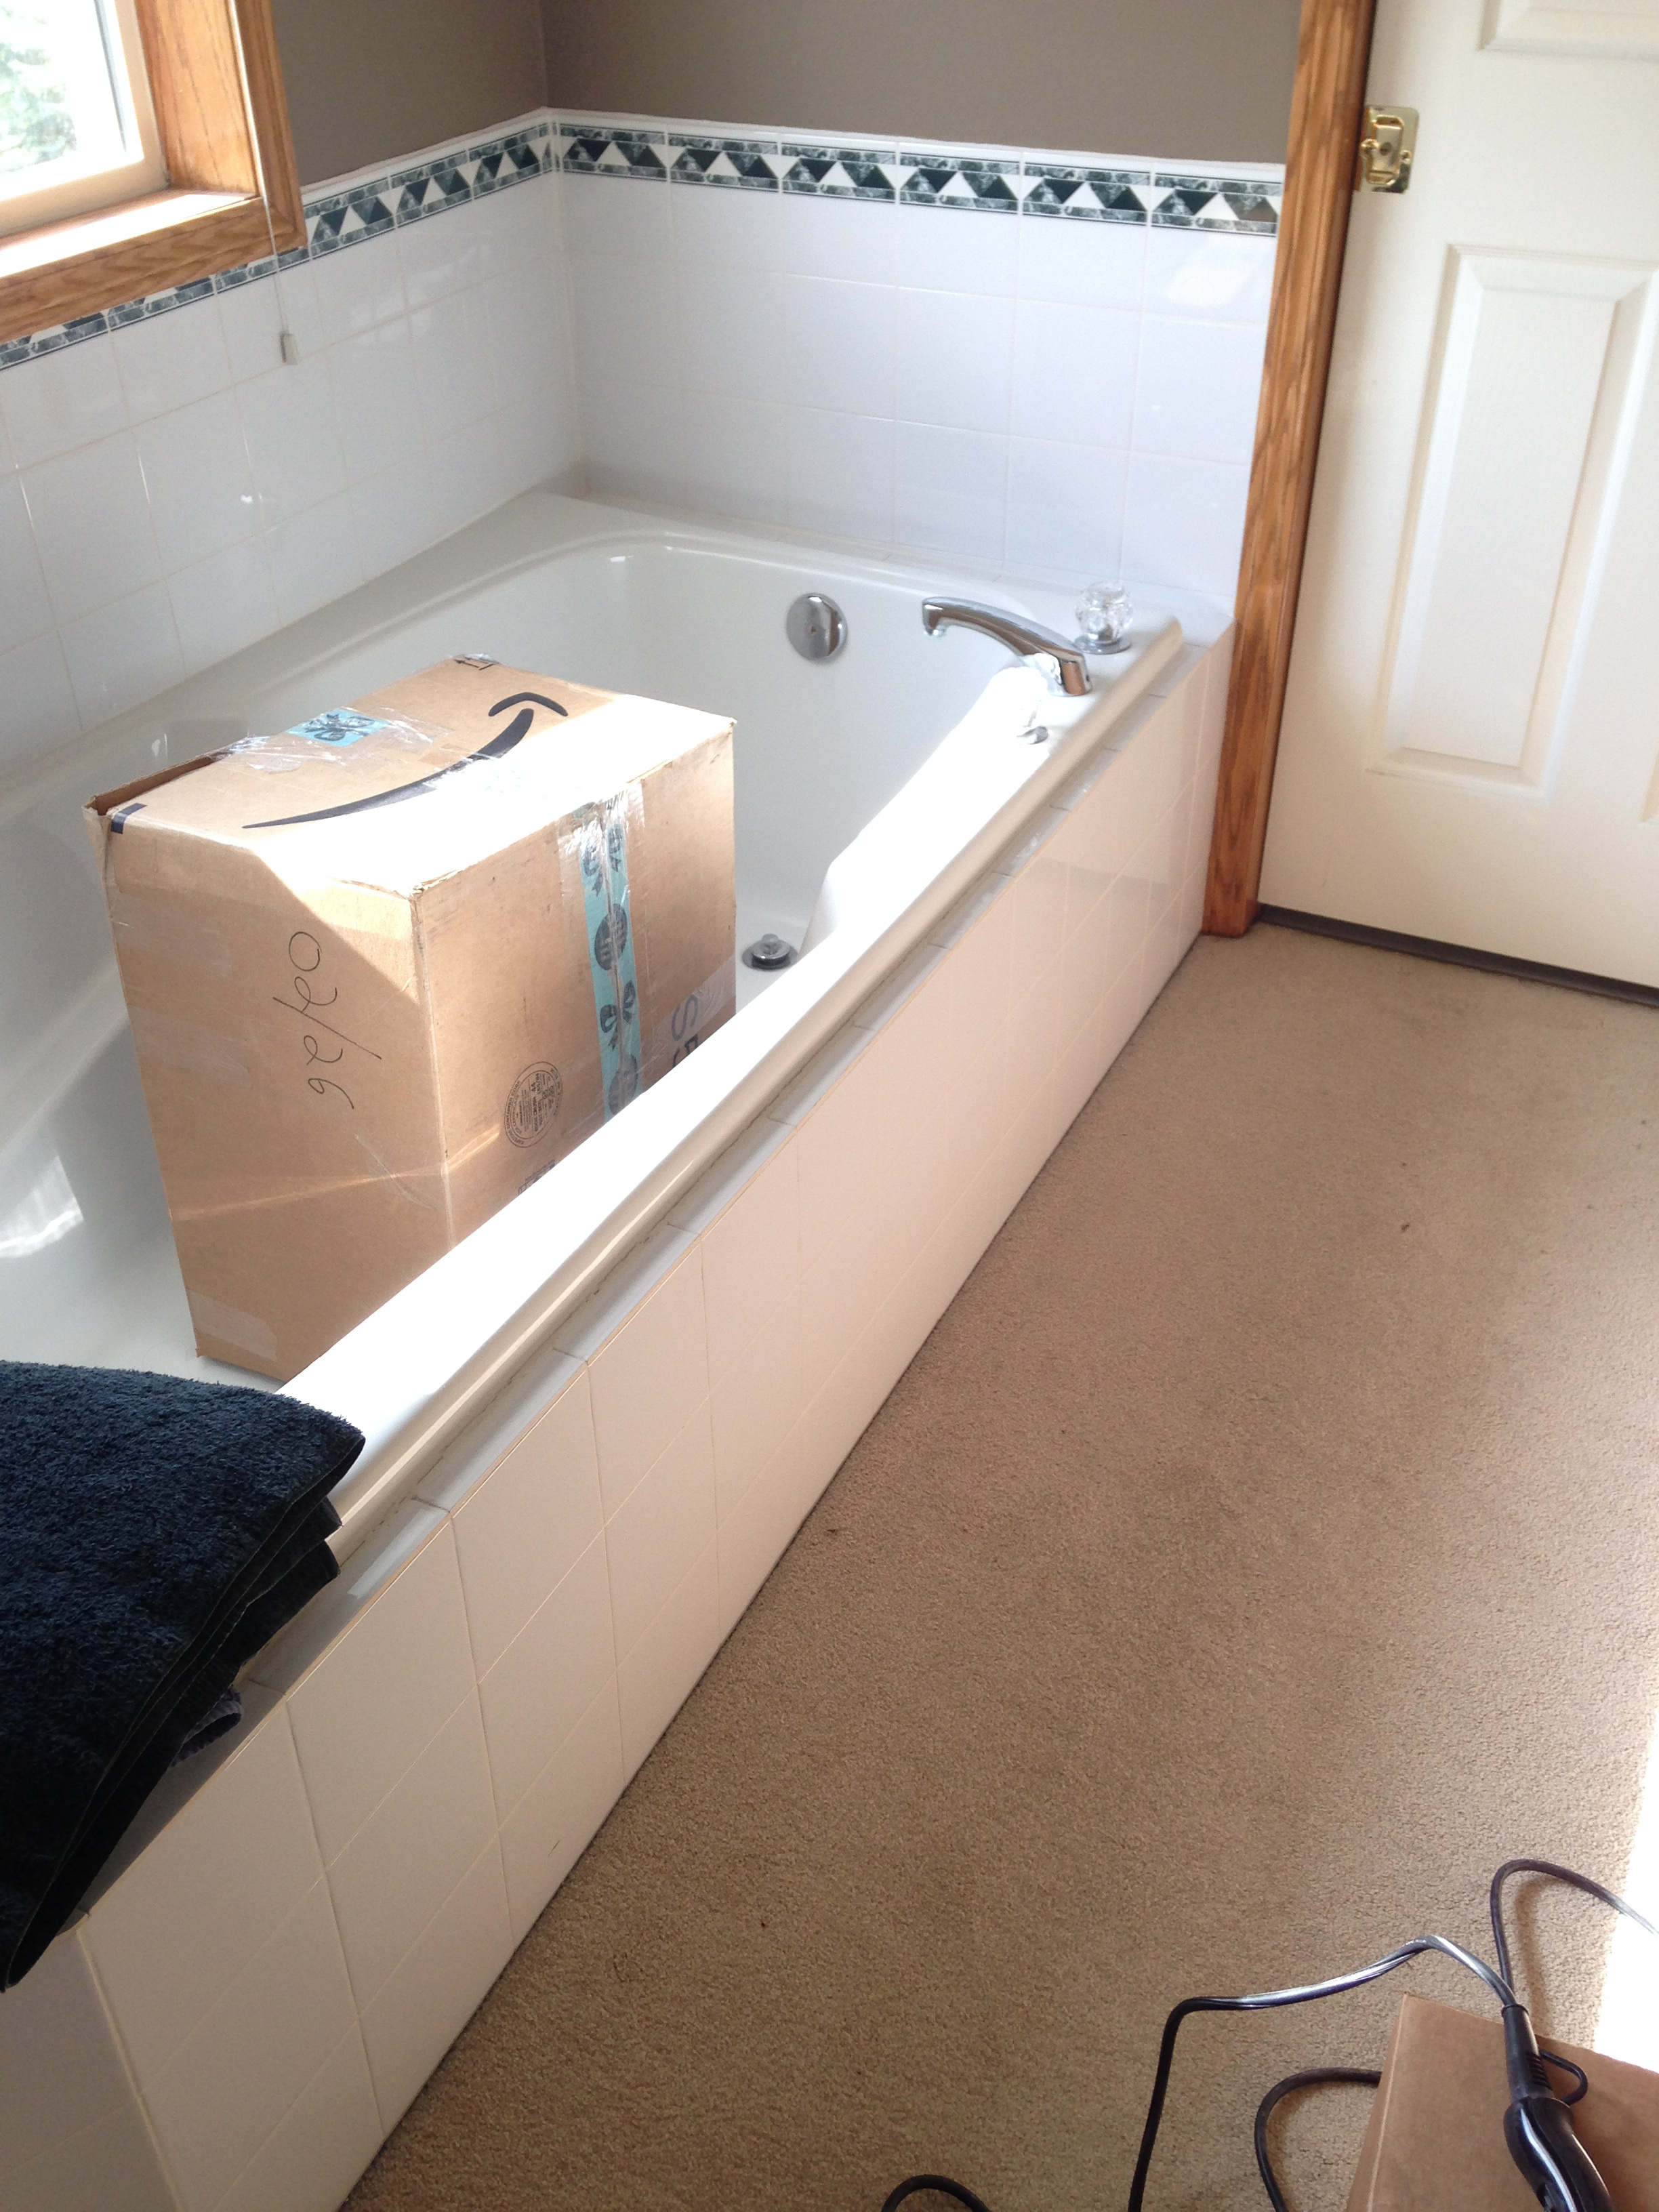 bathtub inside carpeted room